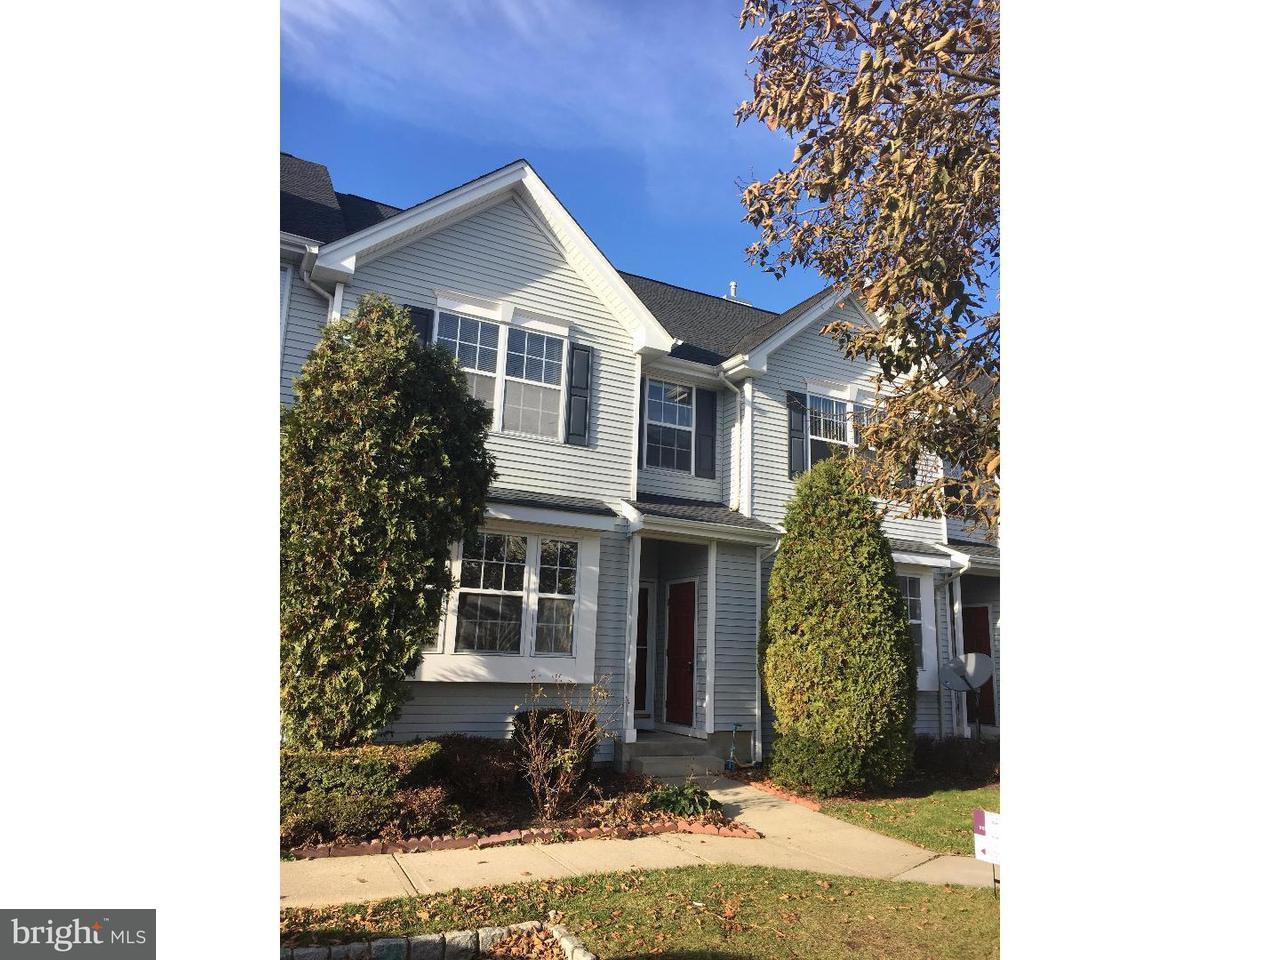 联栋屋 为 出租 在 203 BLOSSOM Circle 南不伦瑞克, 新泽西州 08810 美国在/周边: South Brunswick Township